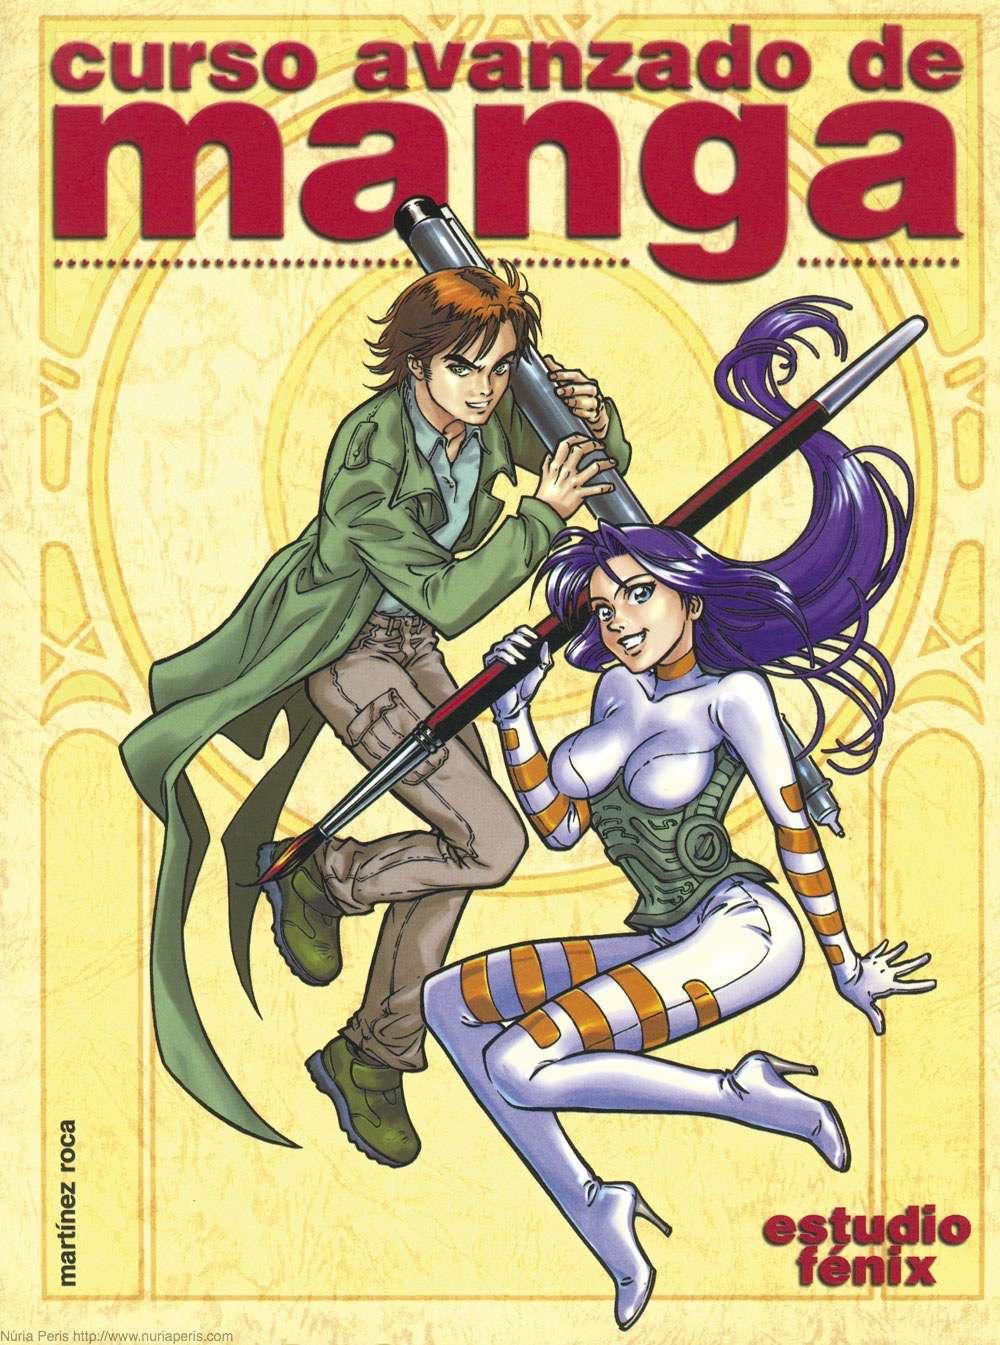 Curso_avanzado_de_manga_cover.jpg